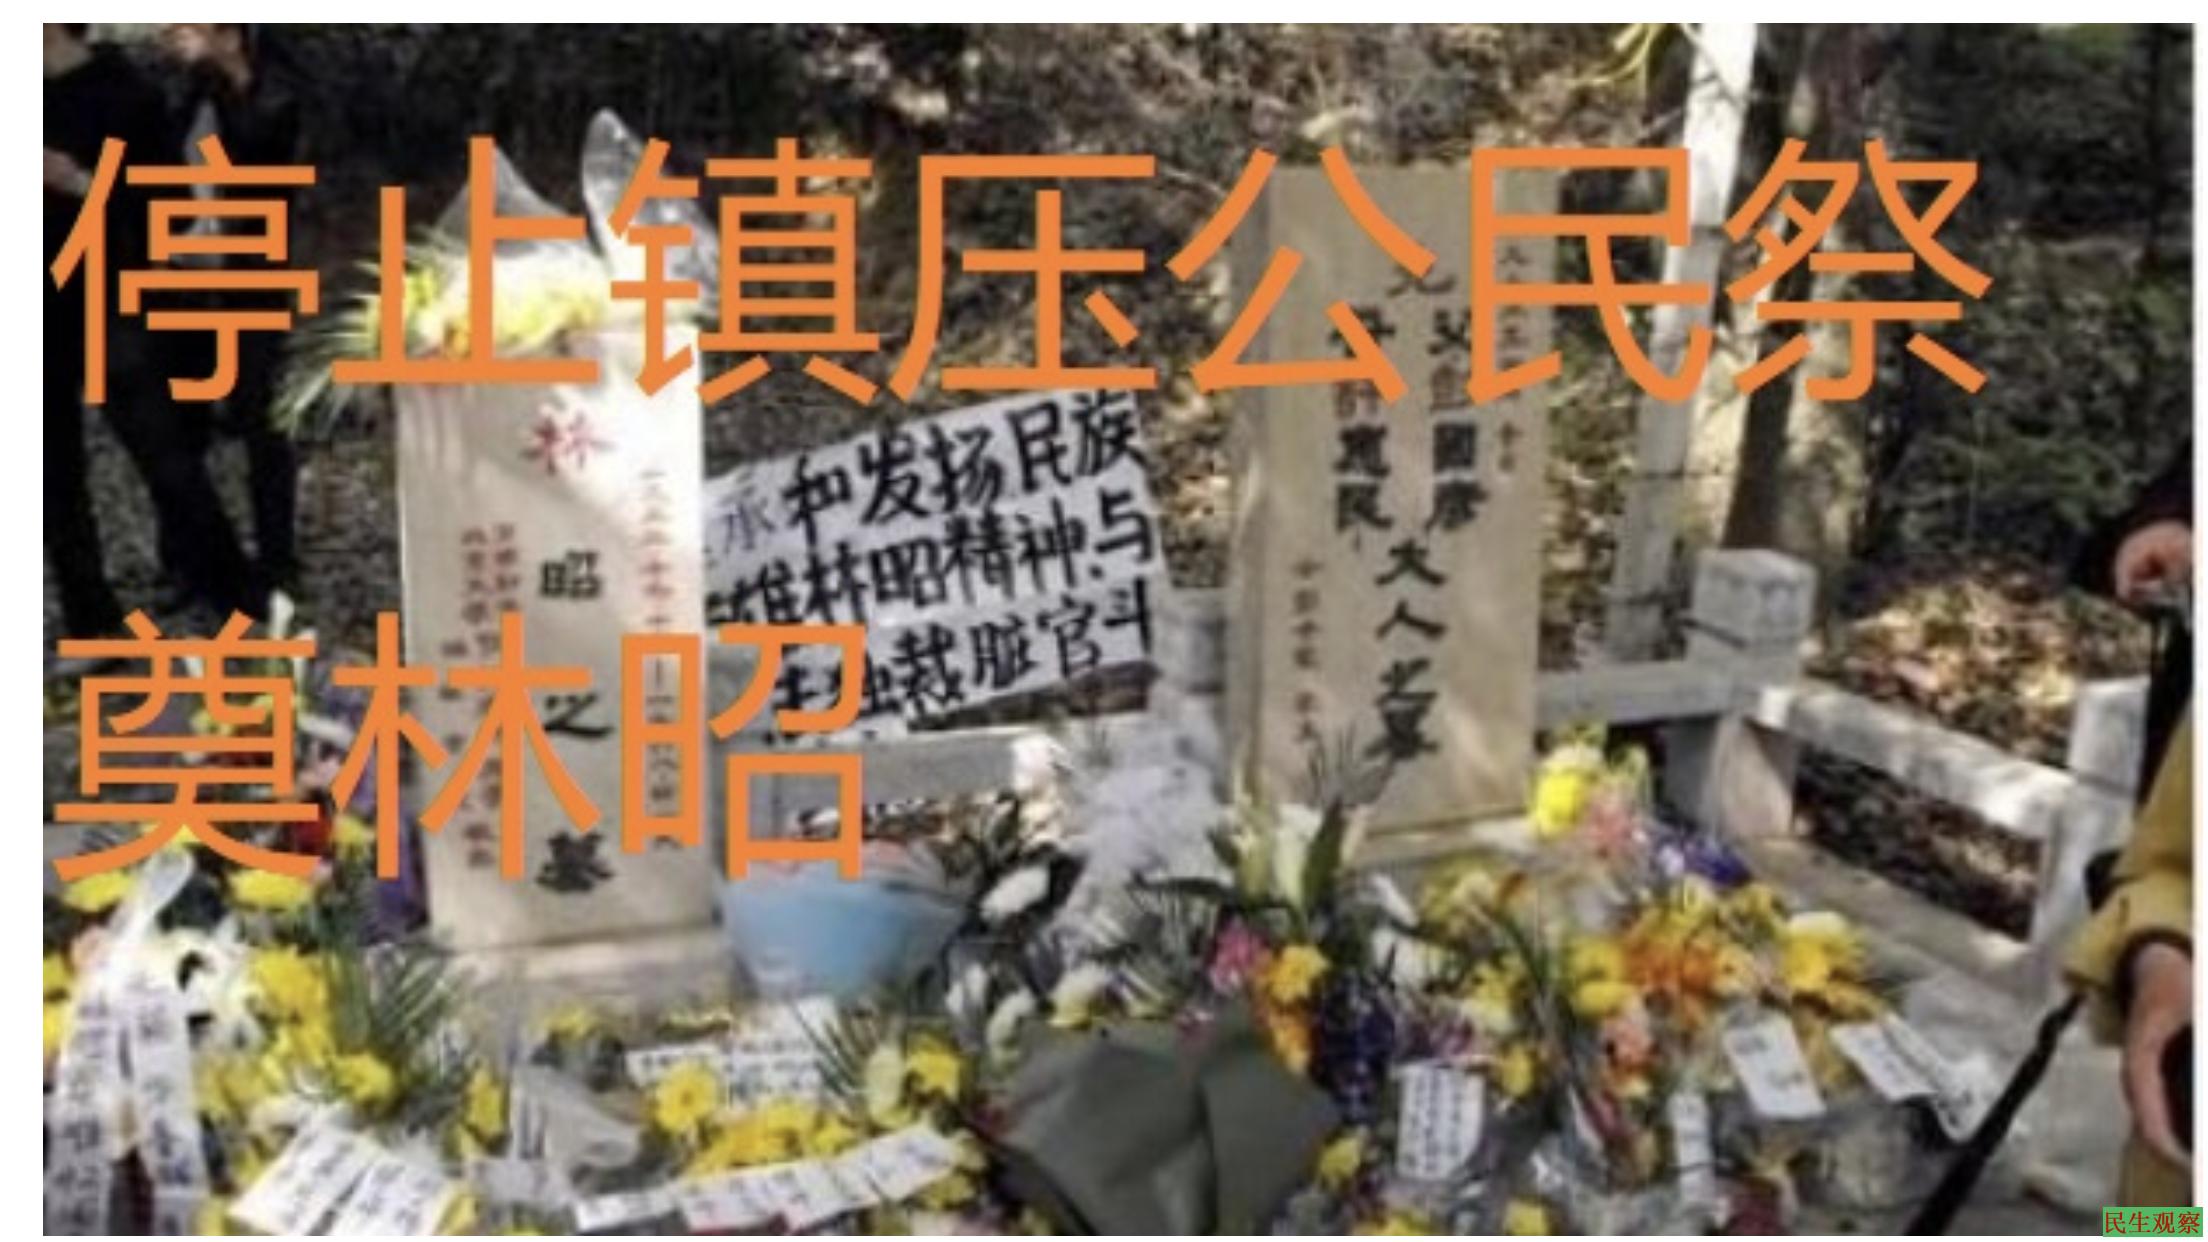 民生观察:镇压祭奠彰显着极权深重罪孽